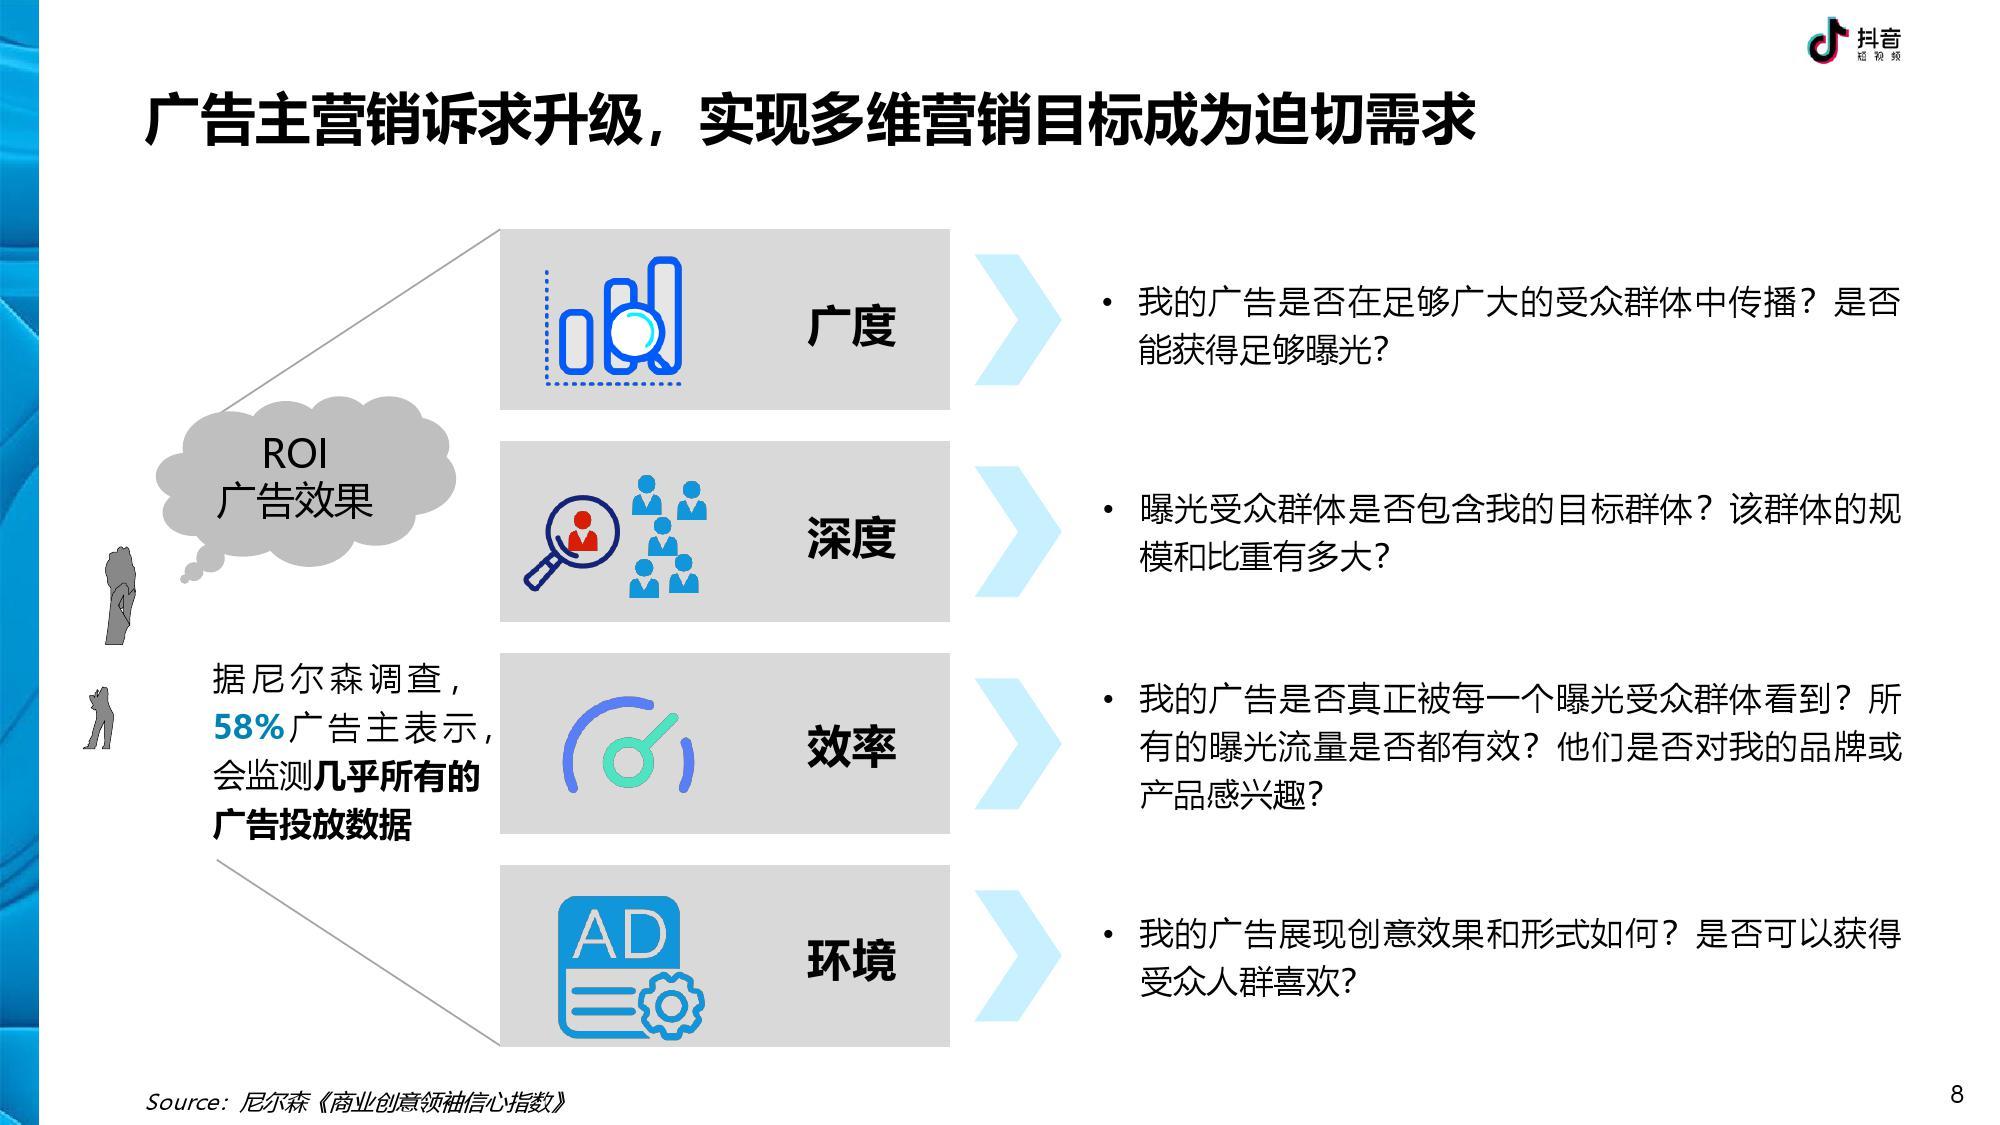 抖音 DTV 广告营销价值白皮书-CNMOAD 中文移动营销资讯 8